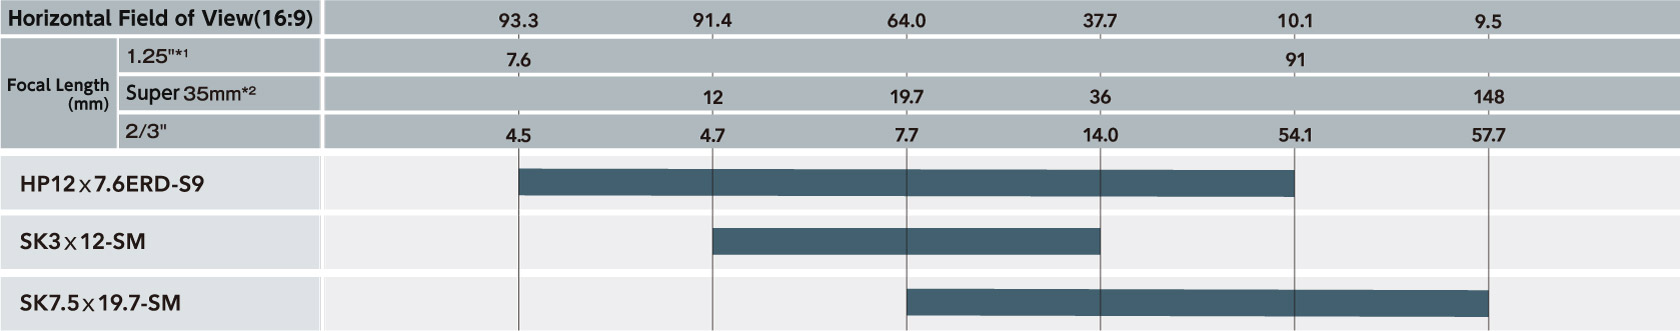 [Bild] Tabelle zum Vergleich des horizontalen Sichtfelds (16:9) und der Brennweite (mm) nach Modellnummer